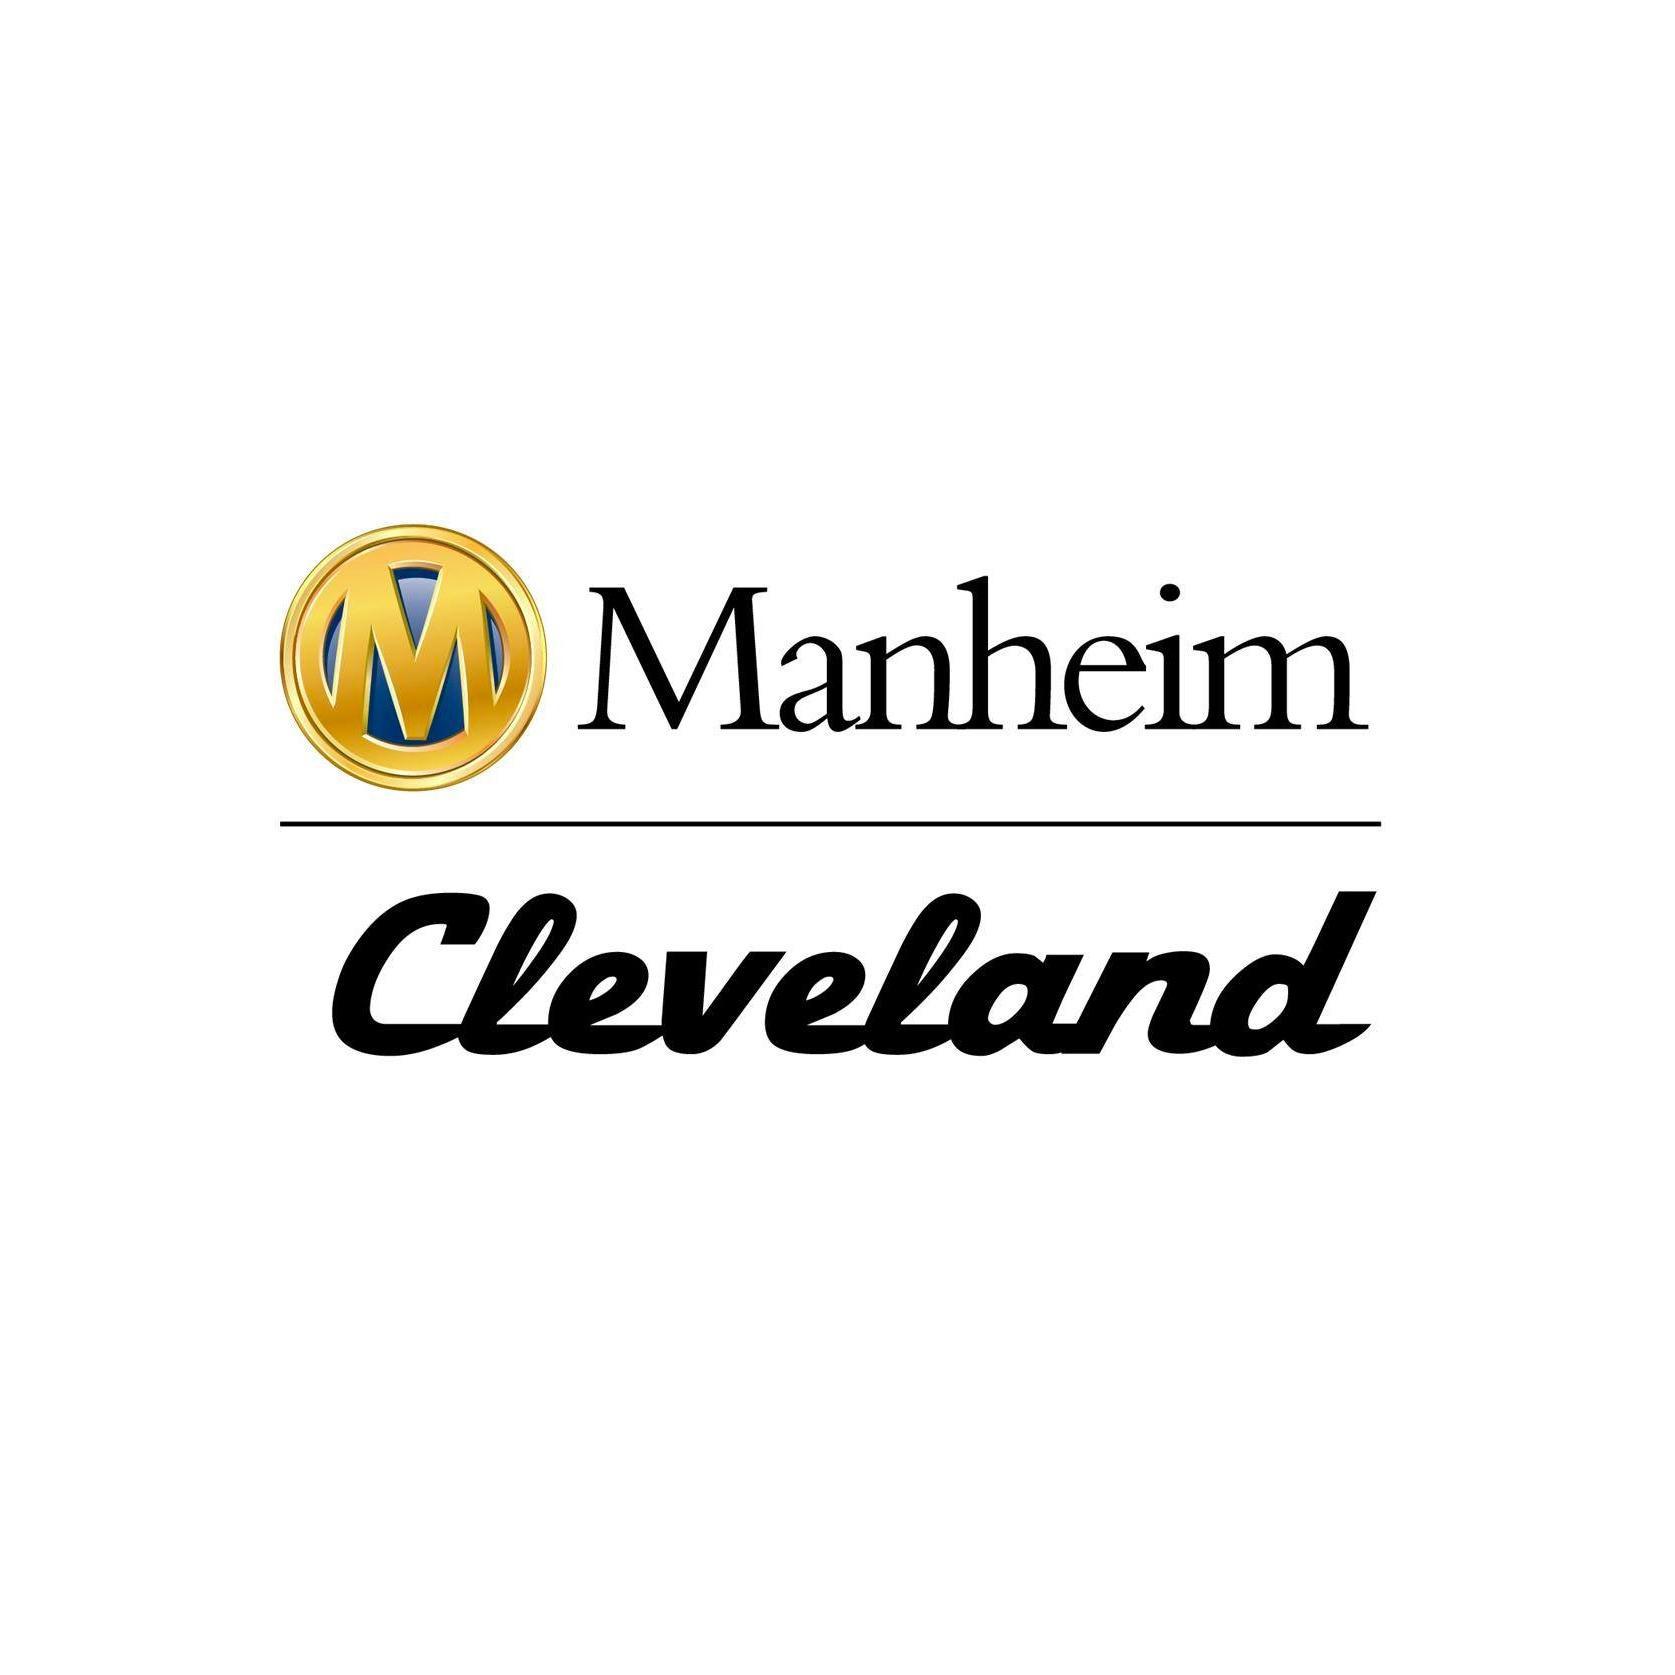 Manheim Cleveland